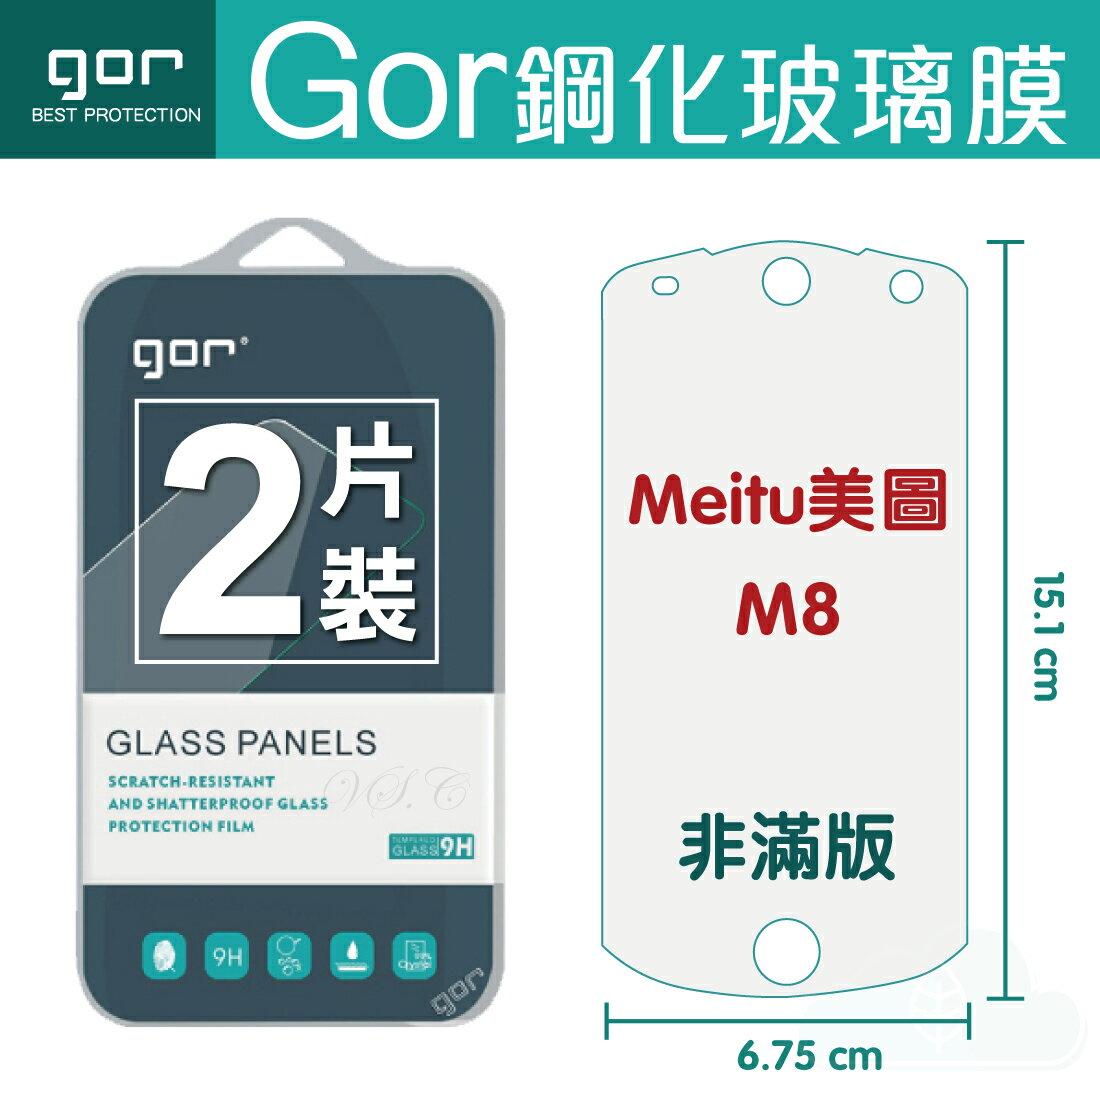 【Meitu美圖】GOR 9H Meitu美圖 M8  鋼化 玻璃 保護貼 全透明非滿版 兩片裝【全館滿299免運費】 0